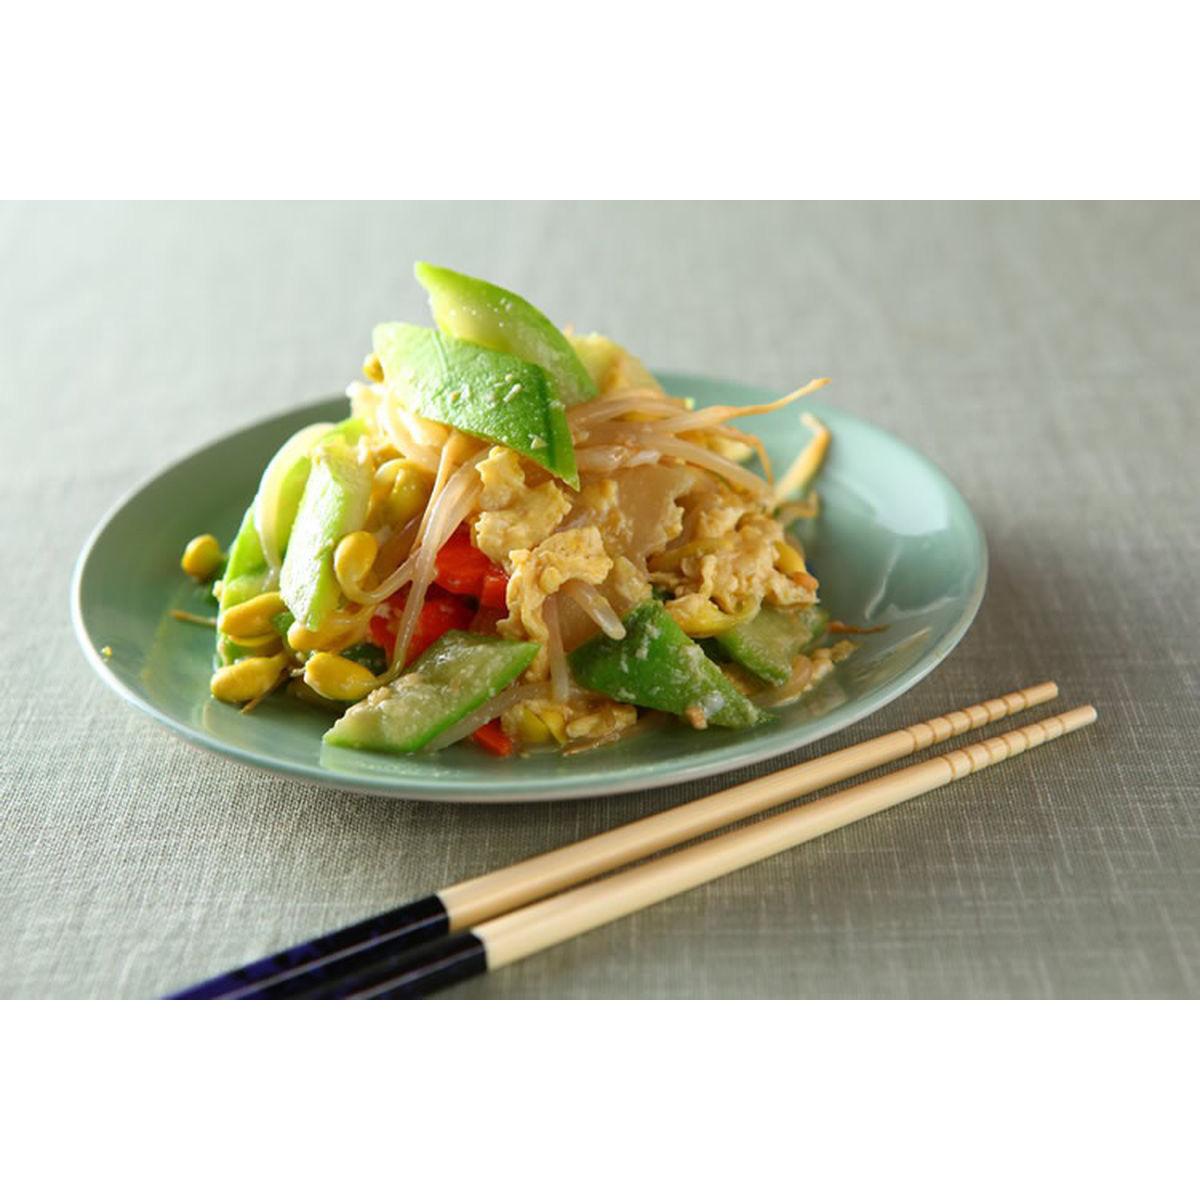 食譜:沖繩炒絲瓜